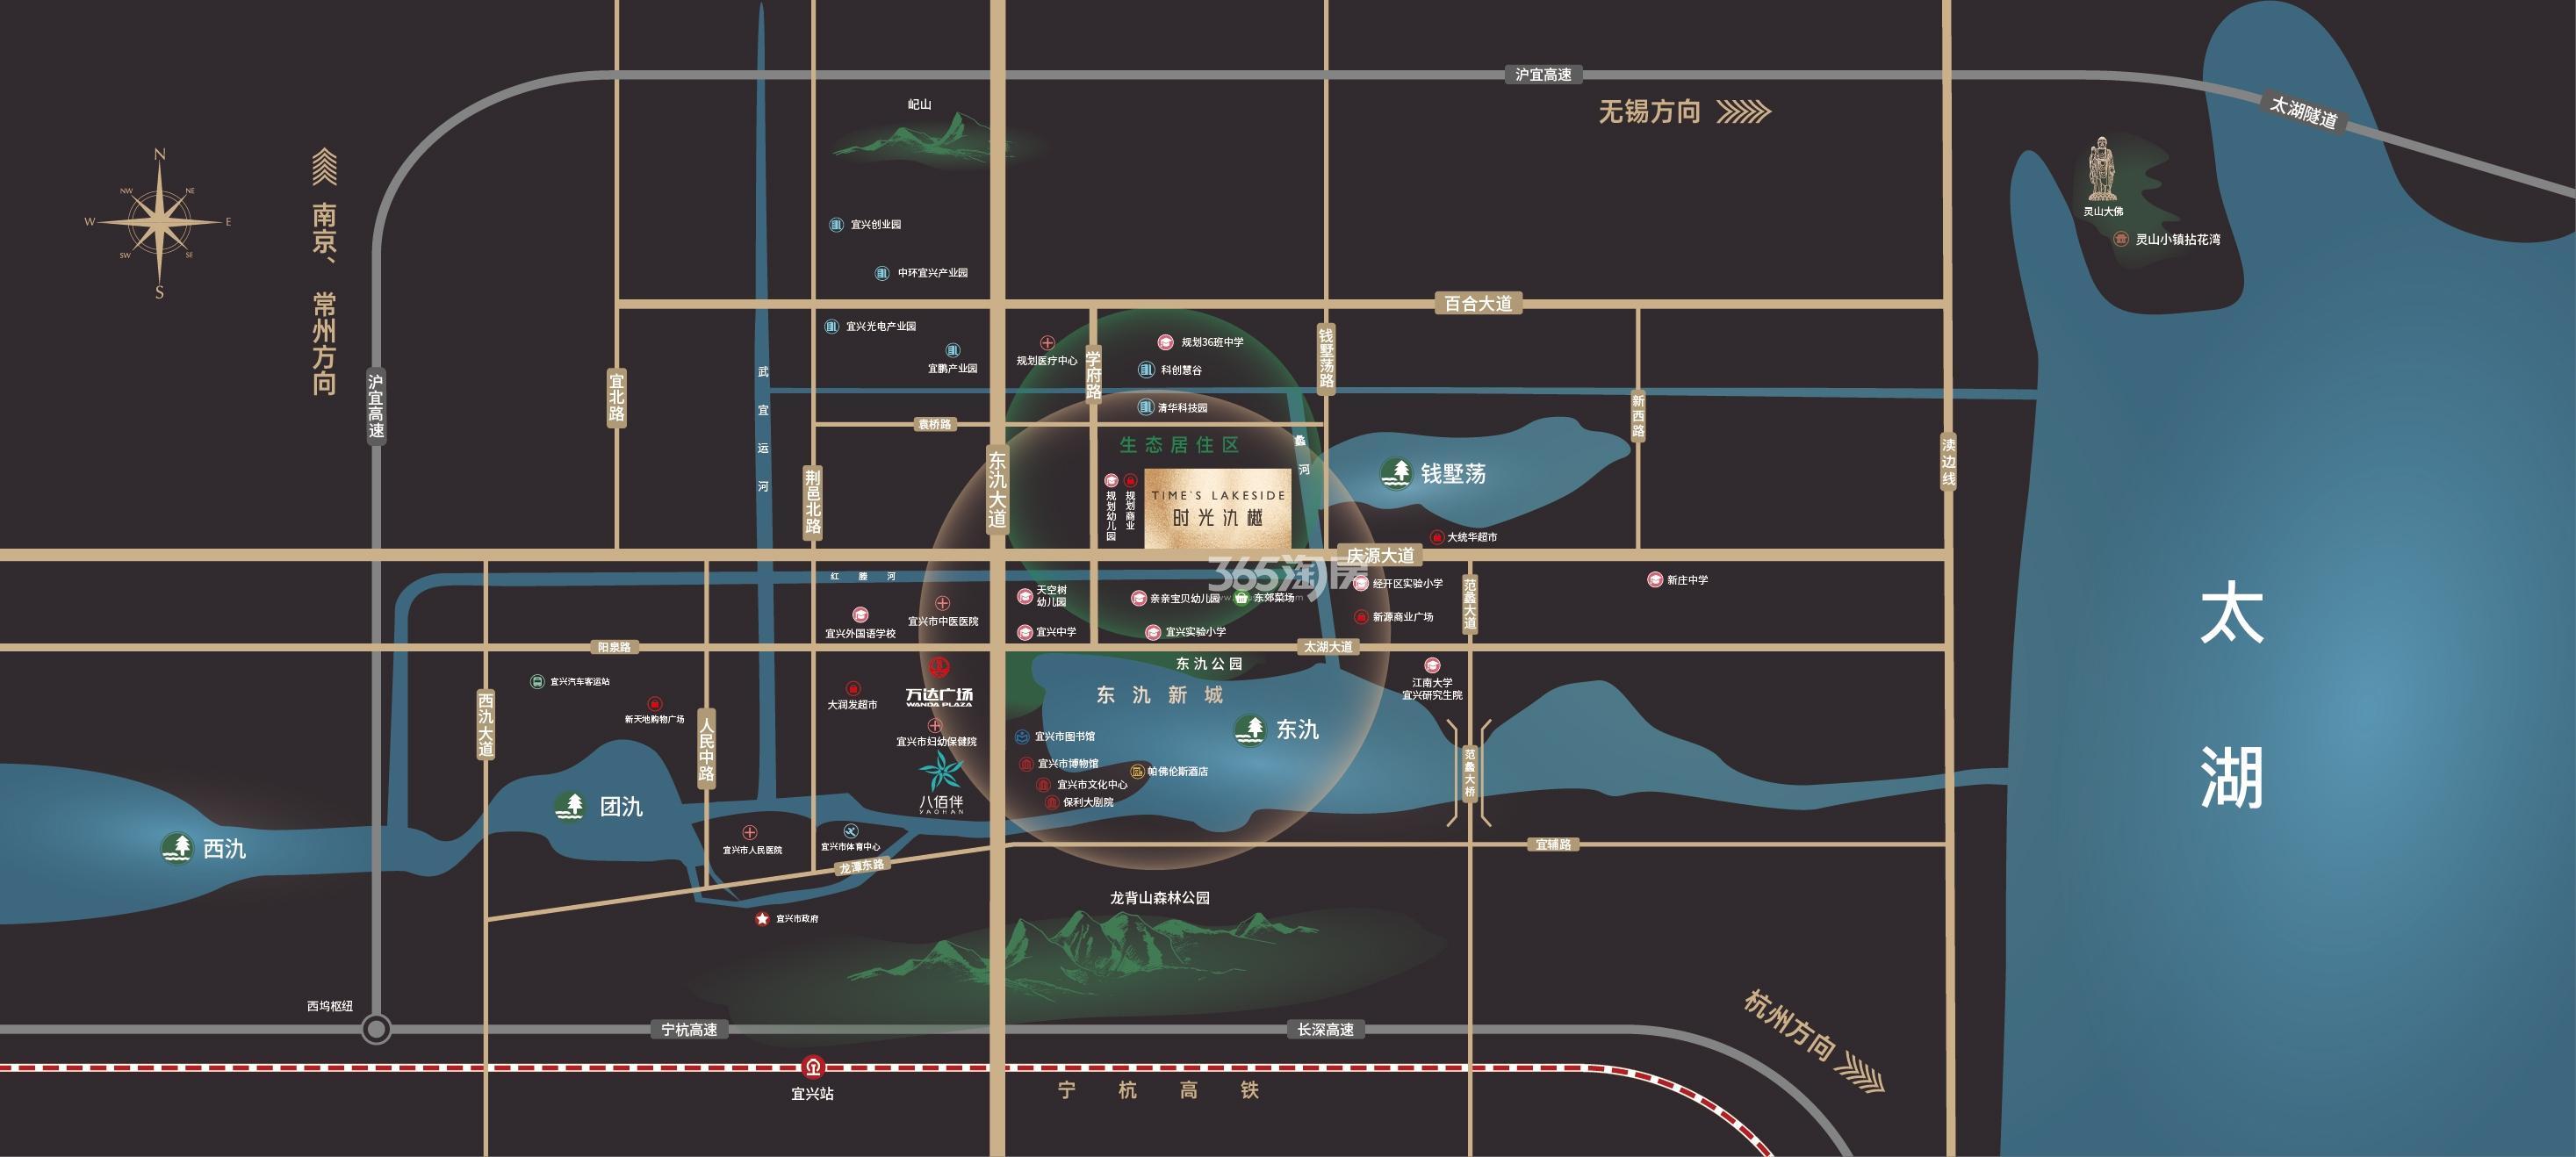 弘阳力高时光氿樾交通图